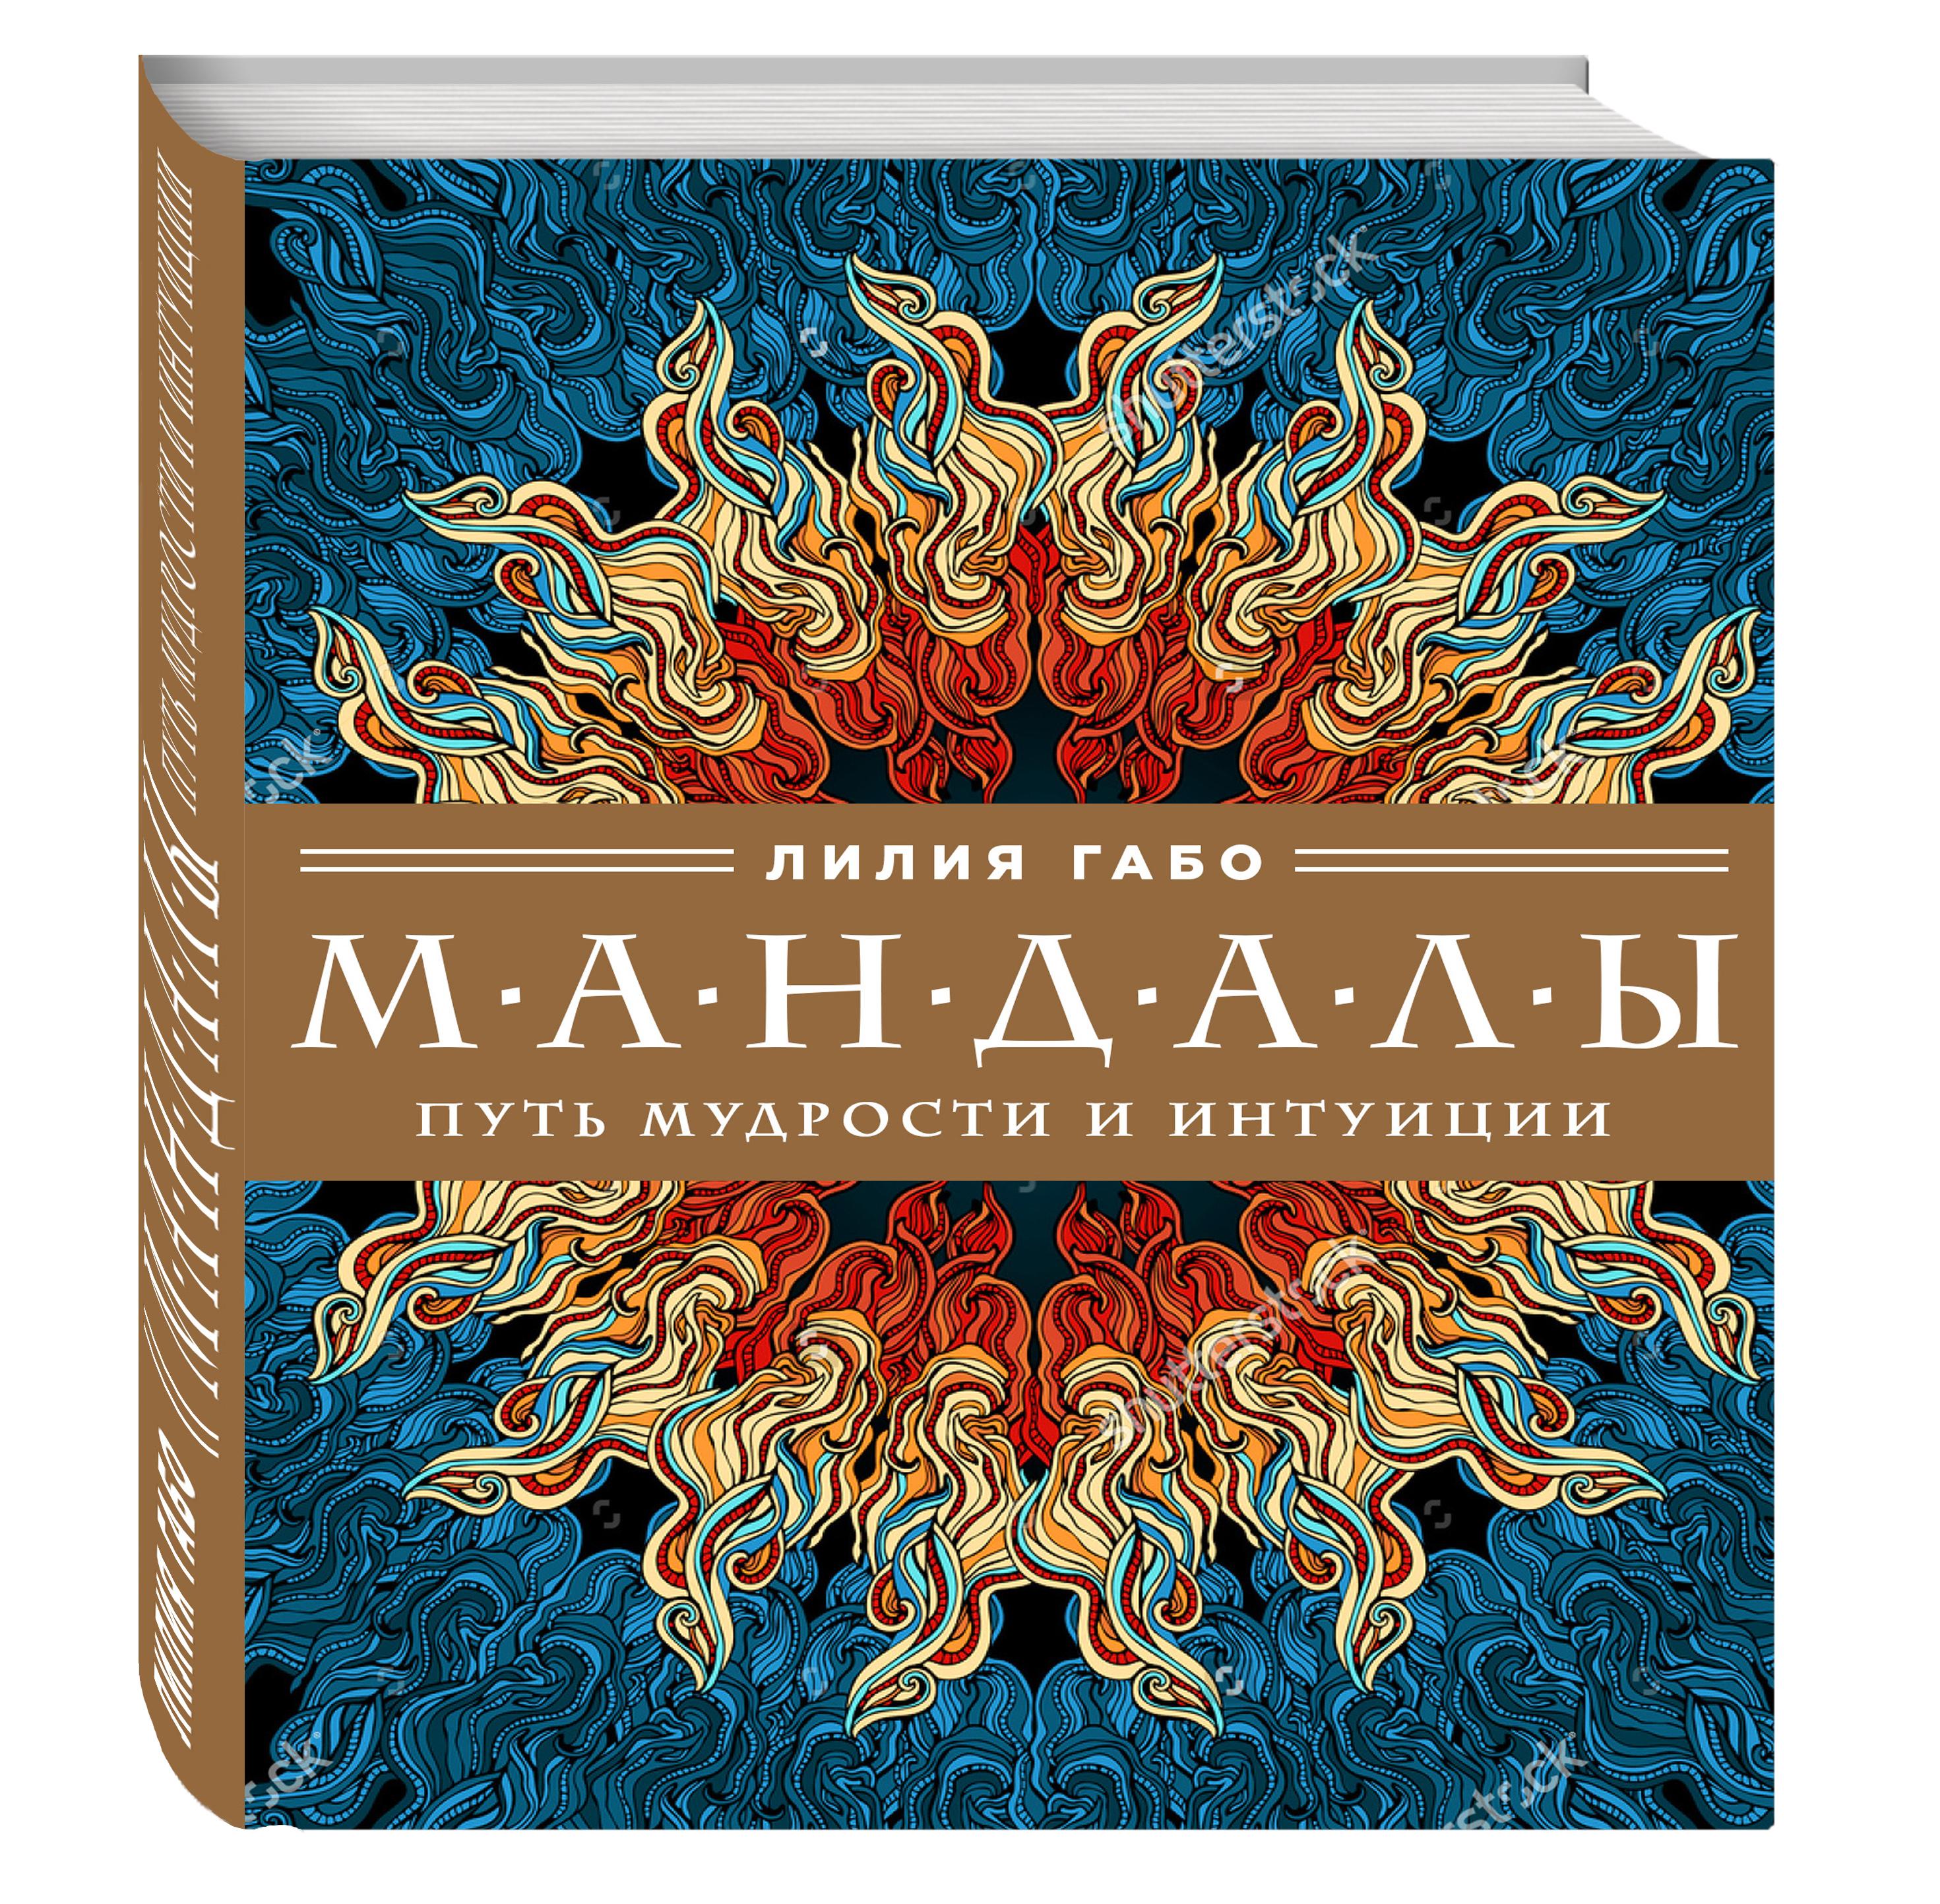 лилия габо мандалы новый способ бросить курить раскраска Лилия Габо Мандалы: путь мудрости и интуиции (комплект)